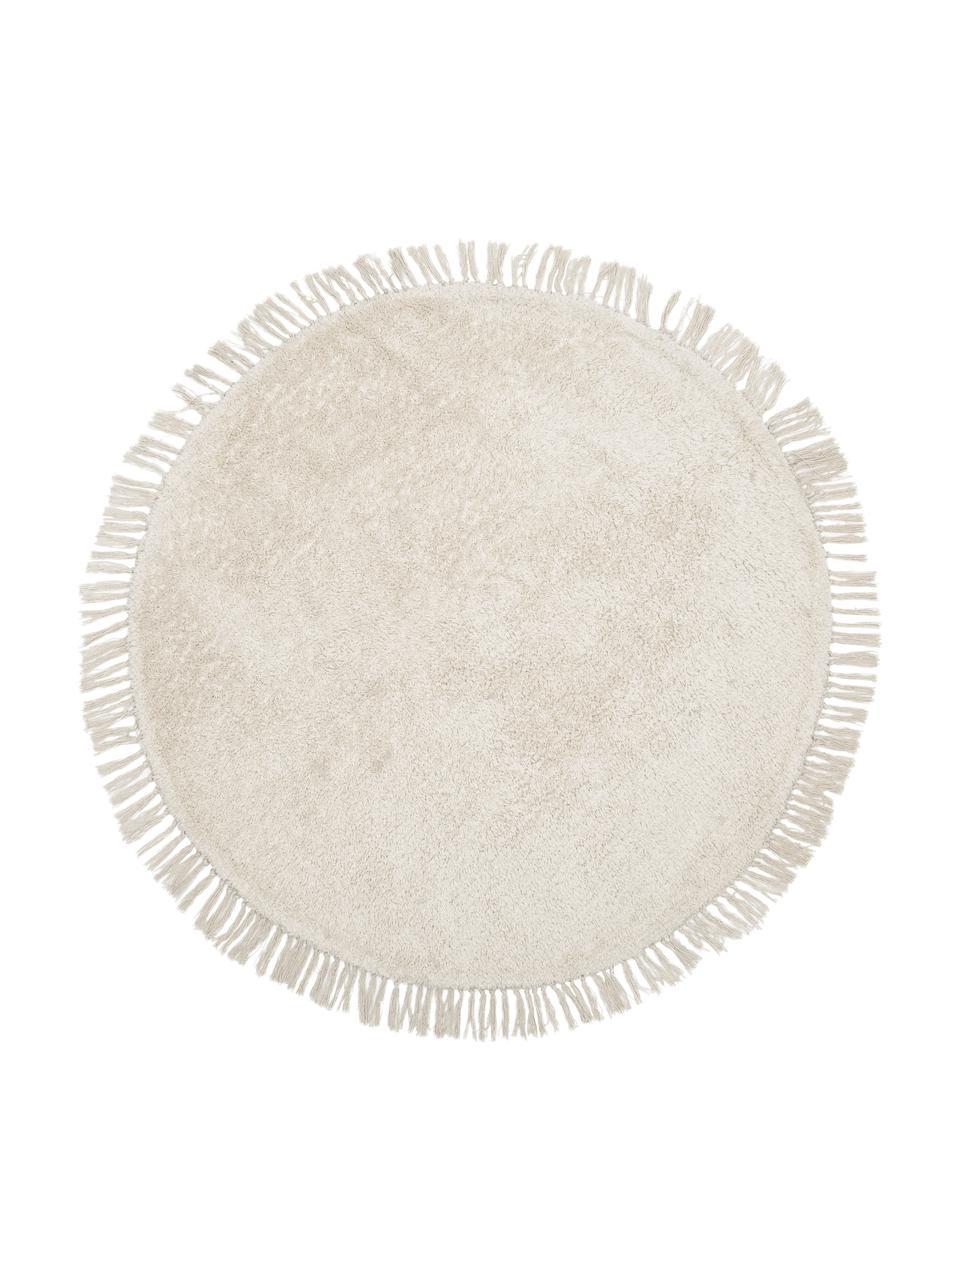 Runder Baumwollteppich Daya mit Fransen, handgetuftet, 100% Baumwolle, Beige, Ø 110 cm (Größe S)